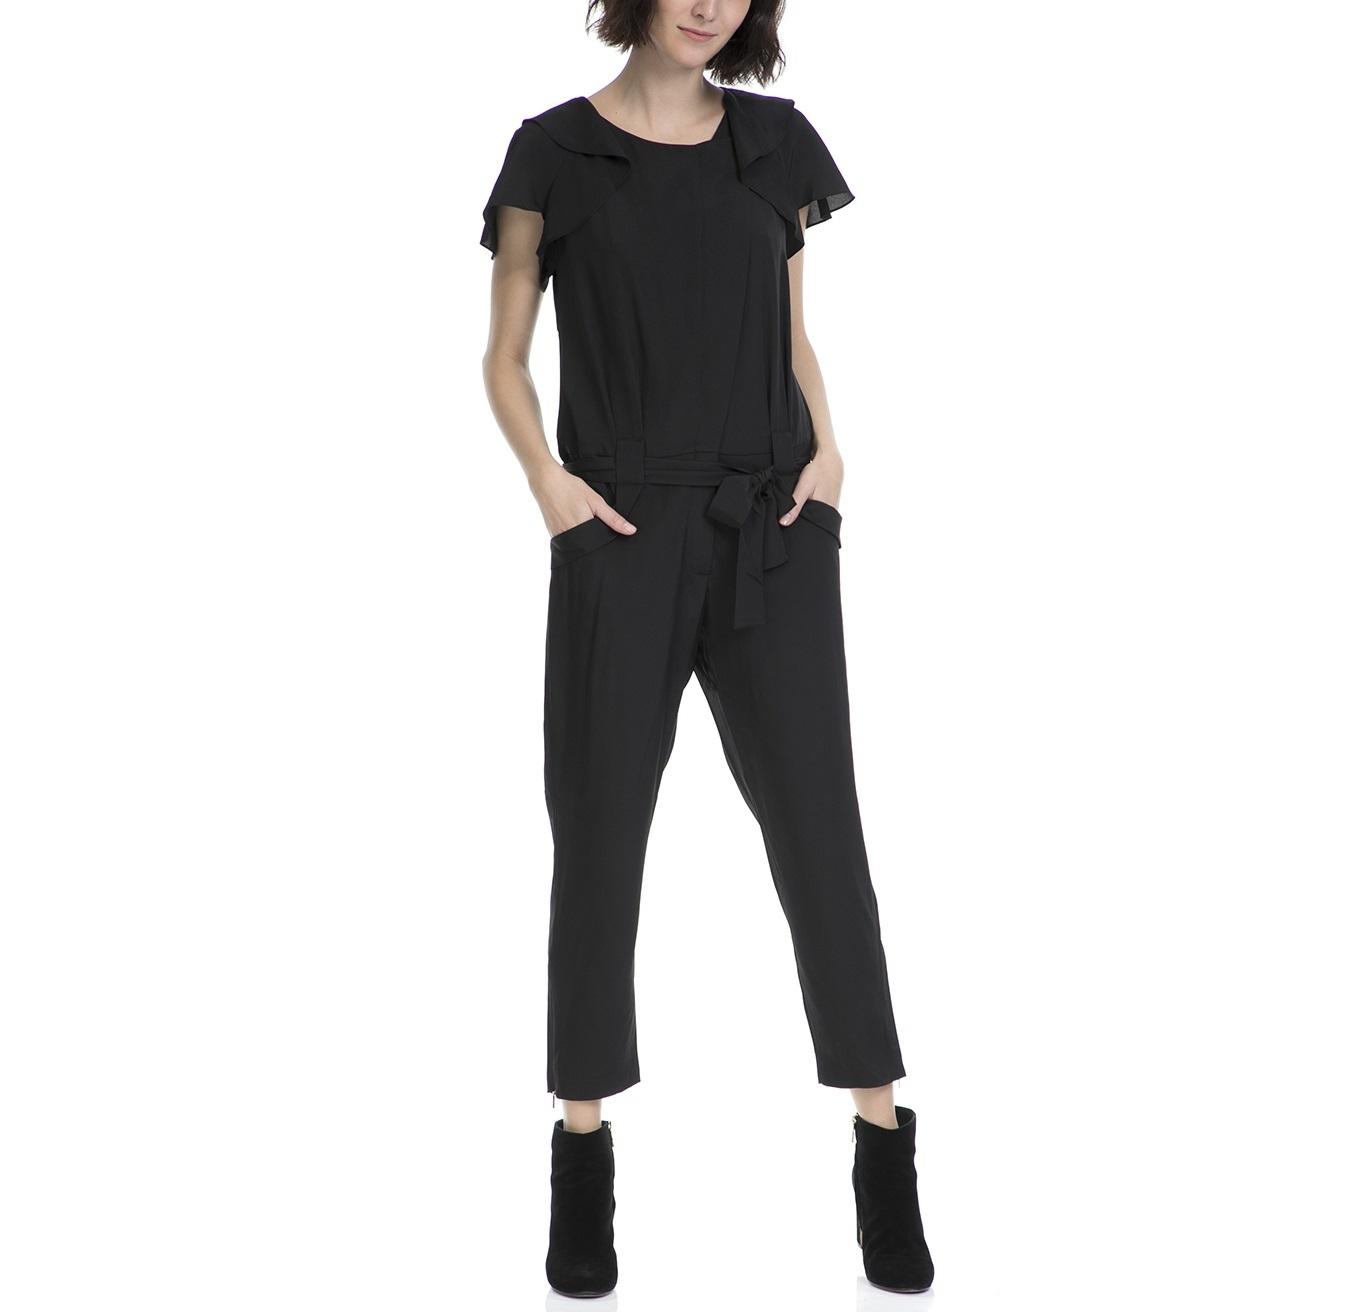 47a7cb570147 TED BAKER - Γυναικεία ολόσωμη φόρμα STEFFEA TED BAKER μαύρη